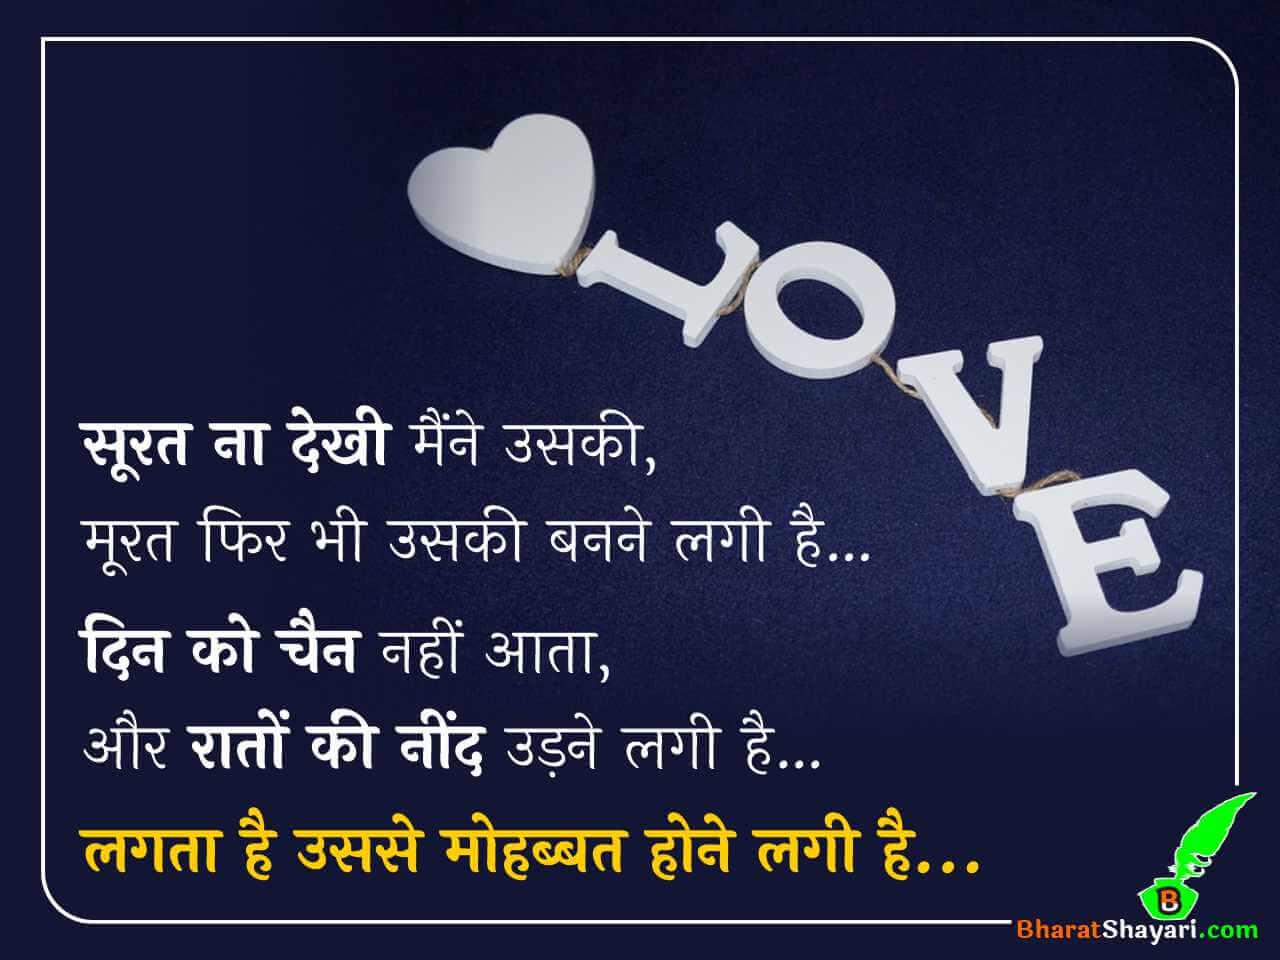 New Love Shayari - Surat na dekhi mene uski